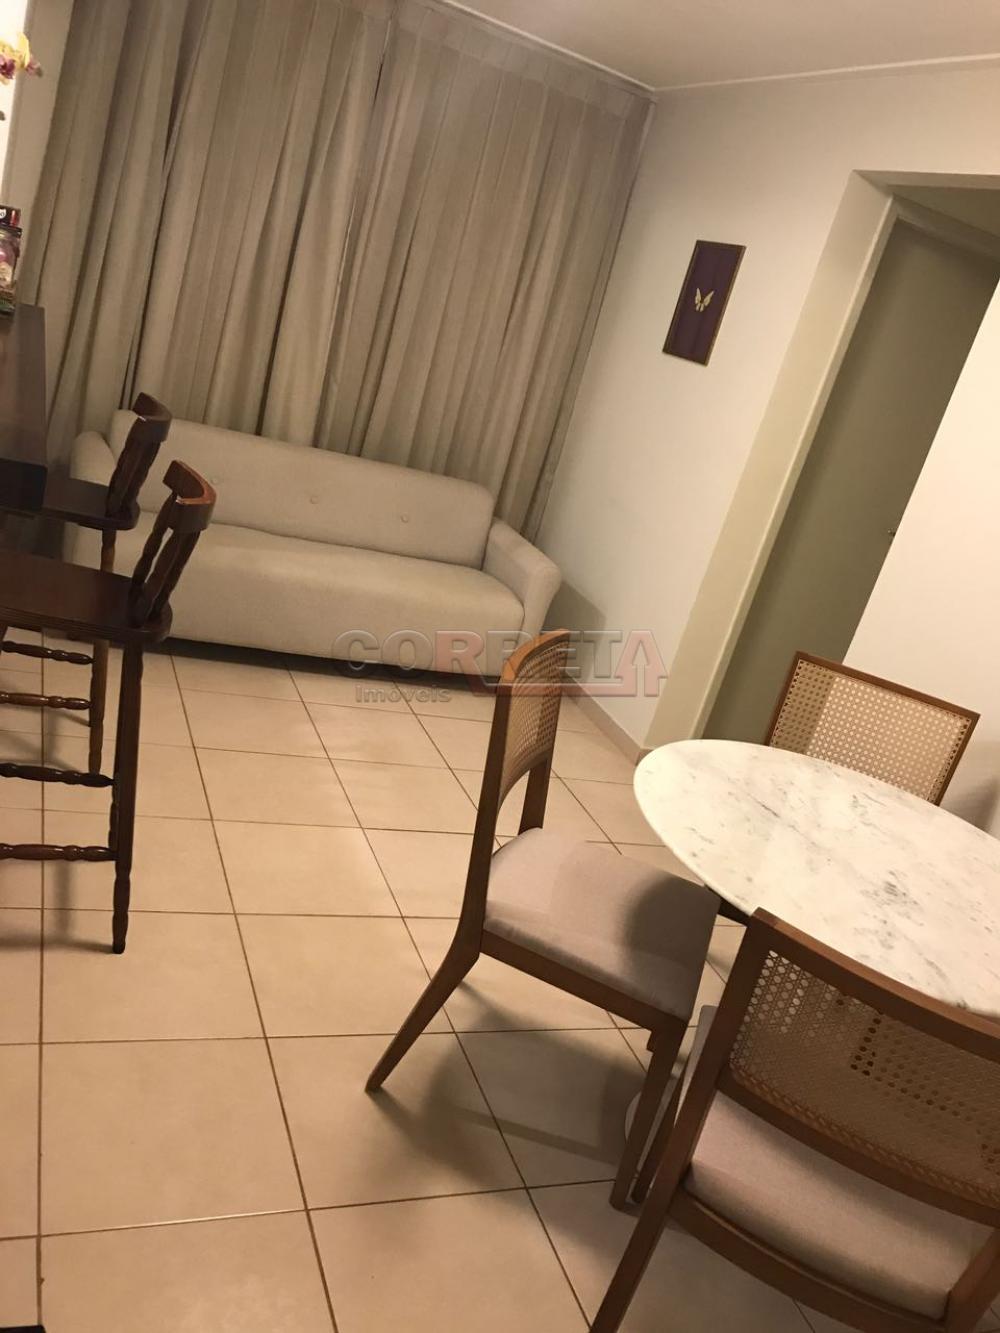 Comprar Apartamento / Padrão em Araçatuba apenas R$ 160.000,00 - Foto 9